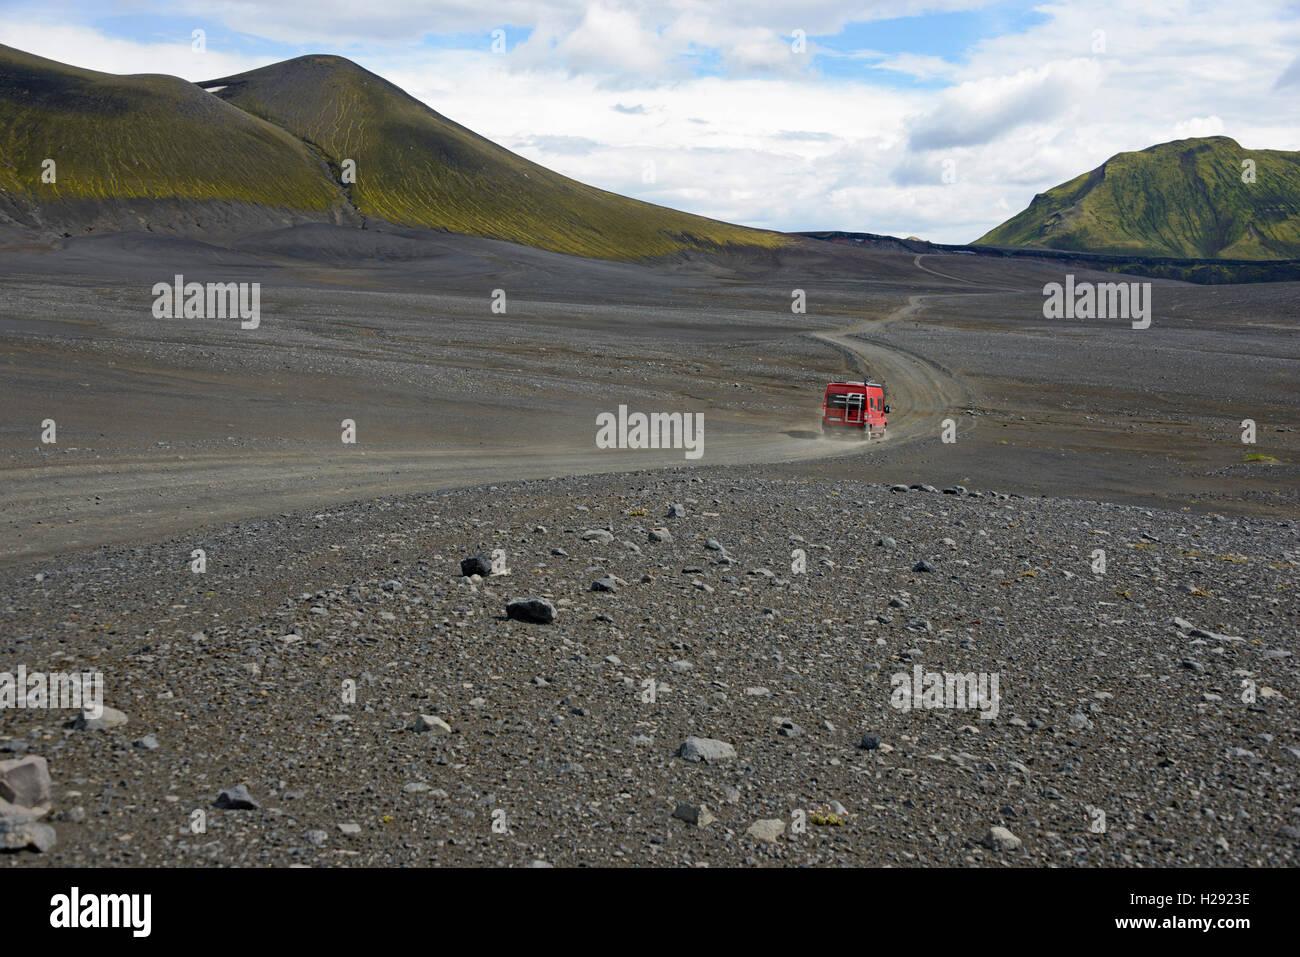 Caravan on dirt road in barren volcanic landscape, F208, Fjallabak National Park, Iceland - Stock Image